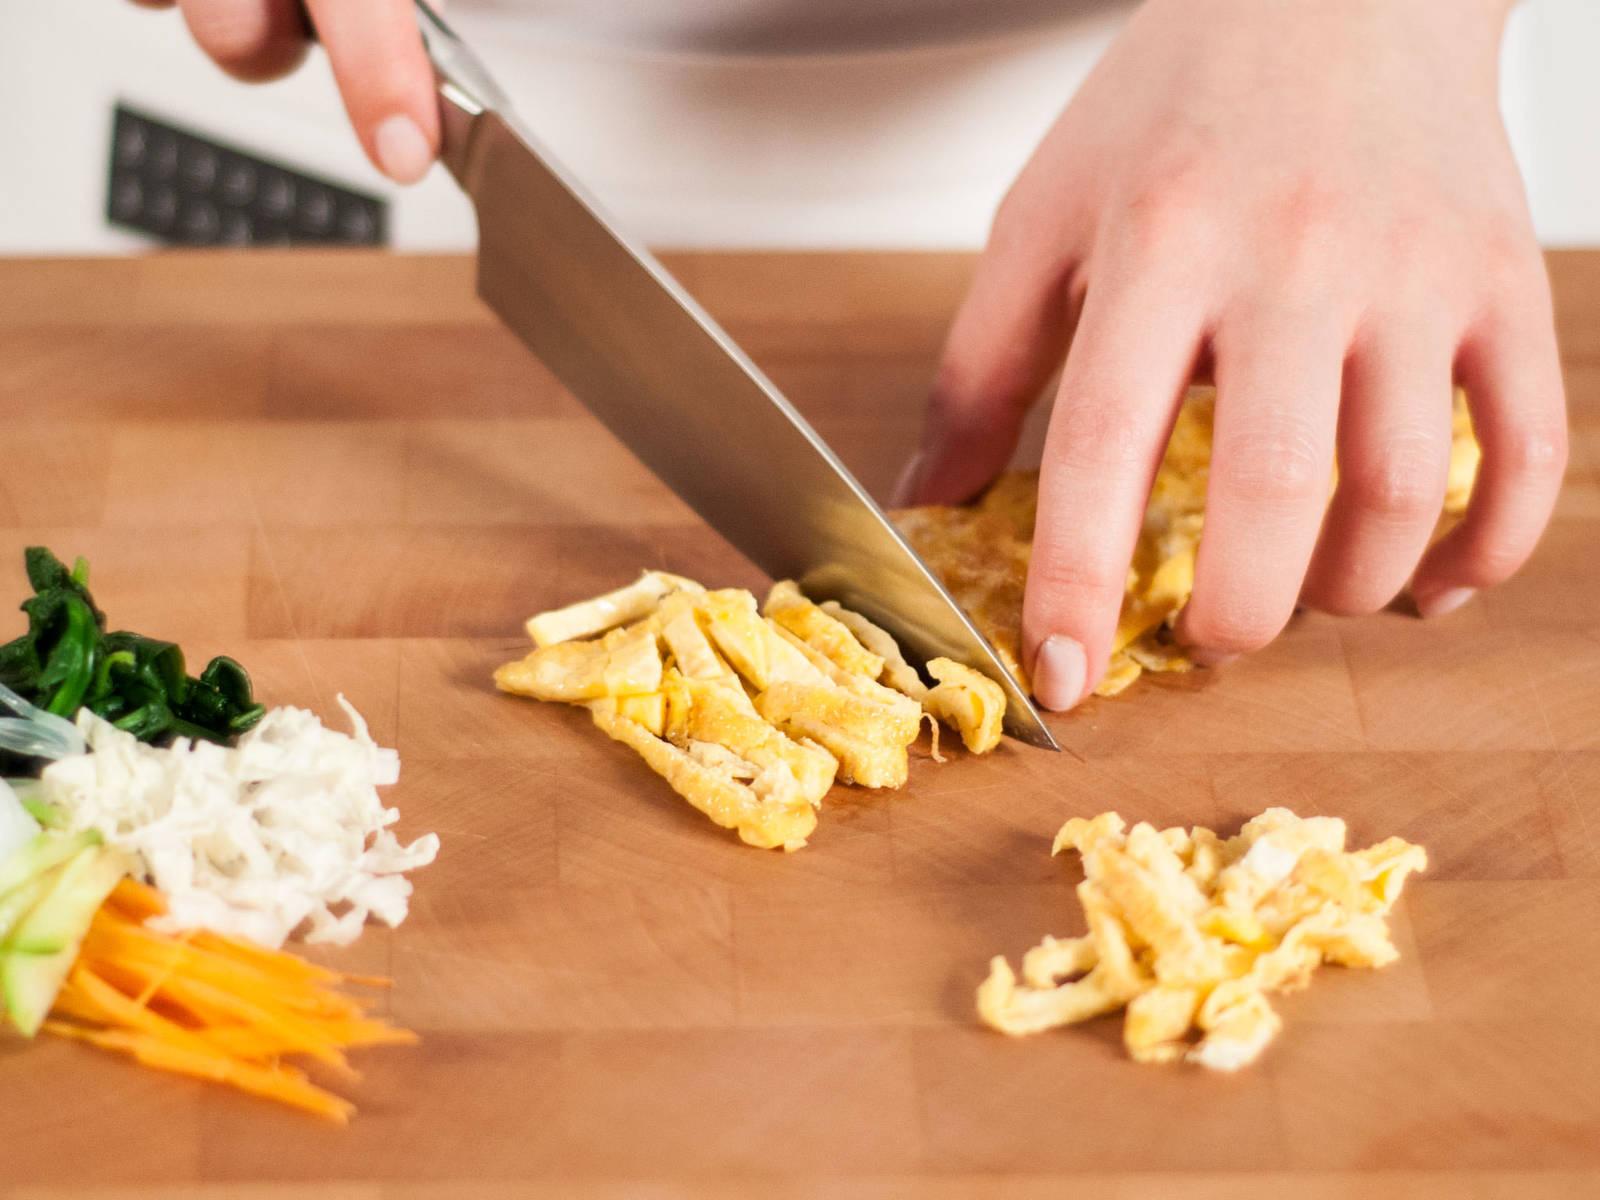 Spinat grob hacken. Knoblauch fein hacken. Karotte, Gurke, Chinakohl und die gebratenen Eier in feine Streifen schneiden.